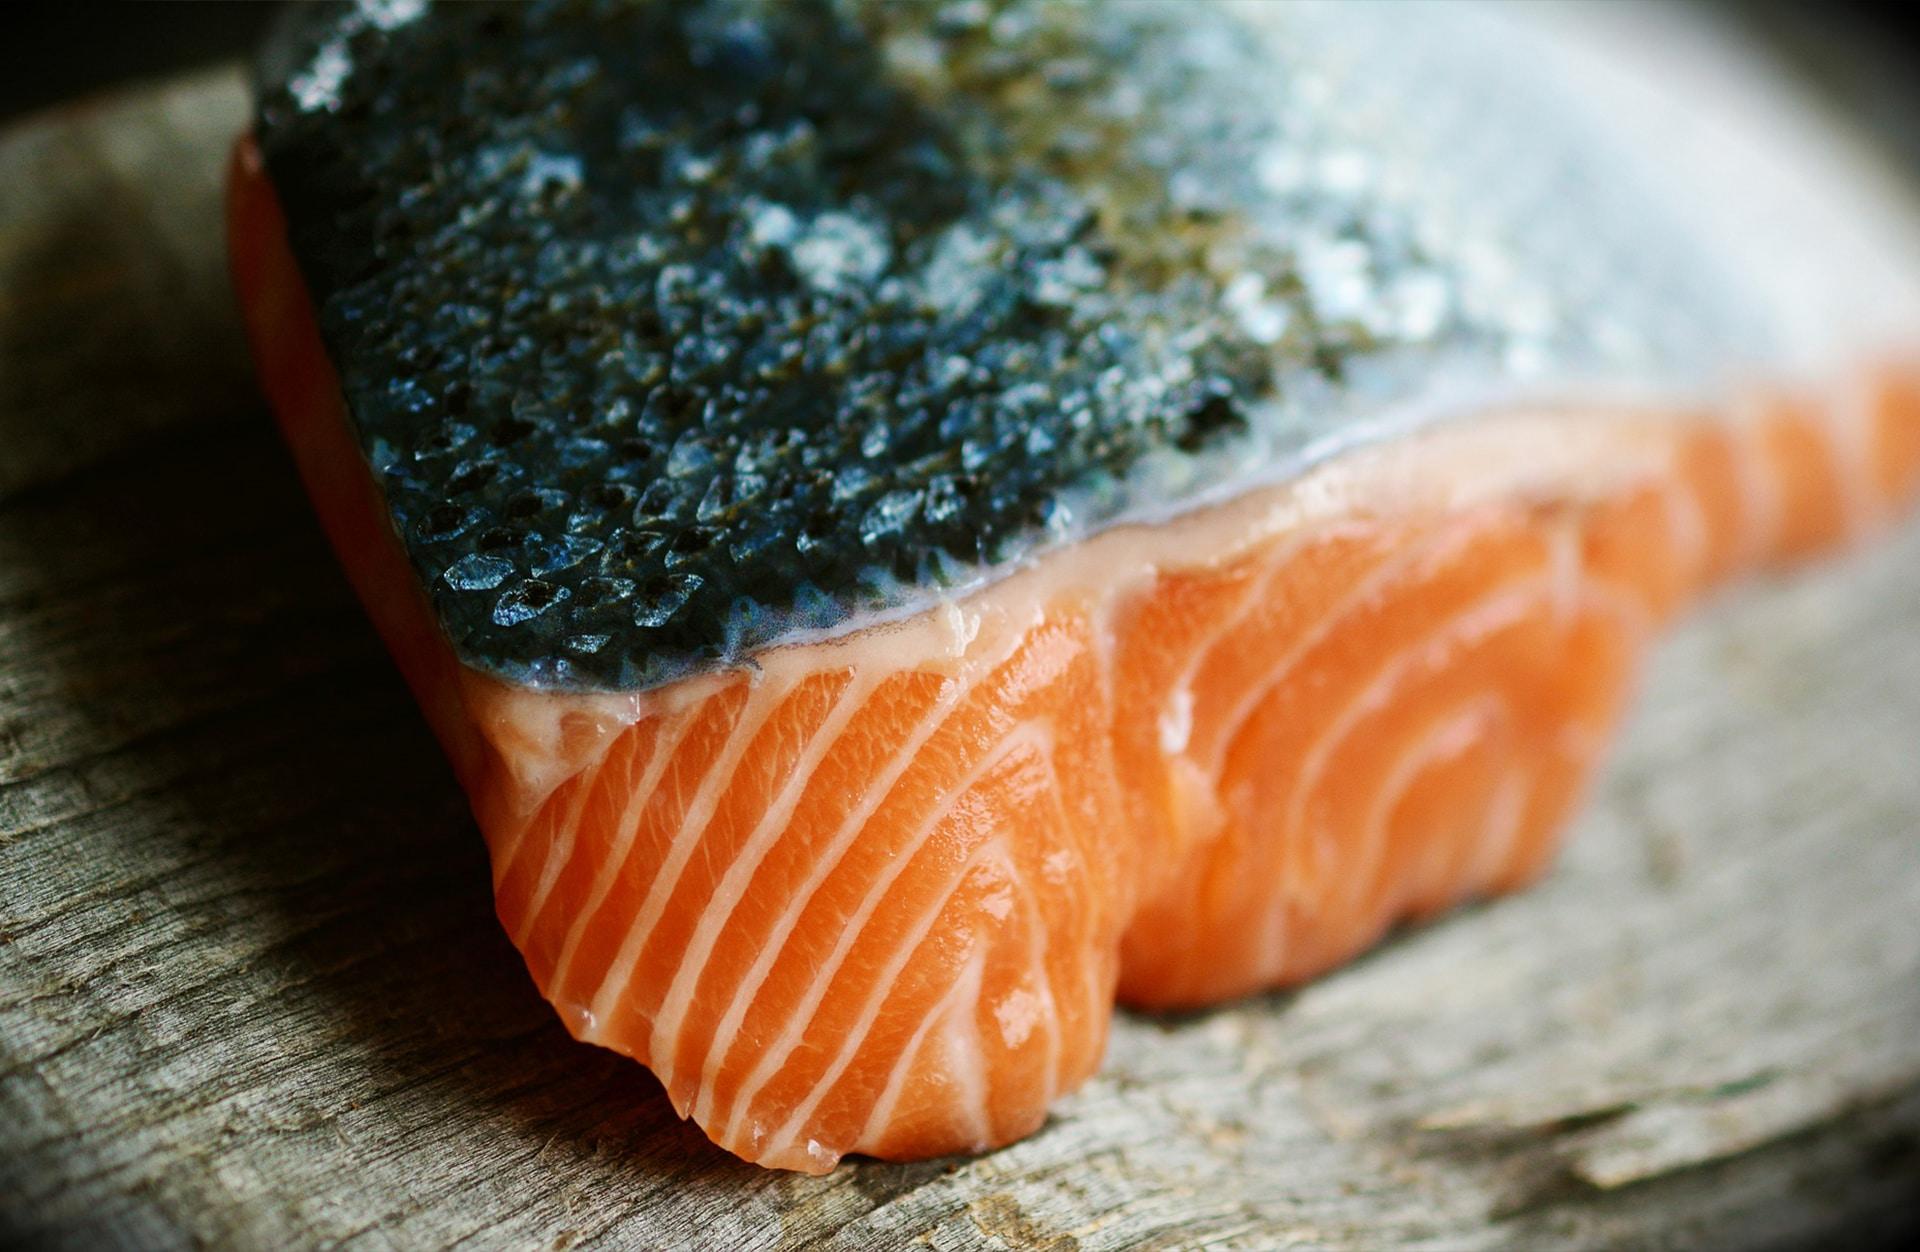 cocina-receta-pescado